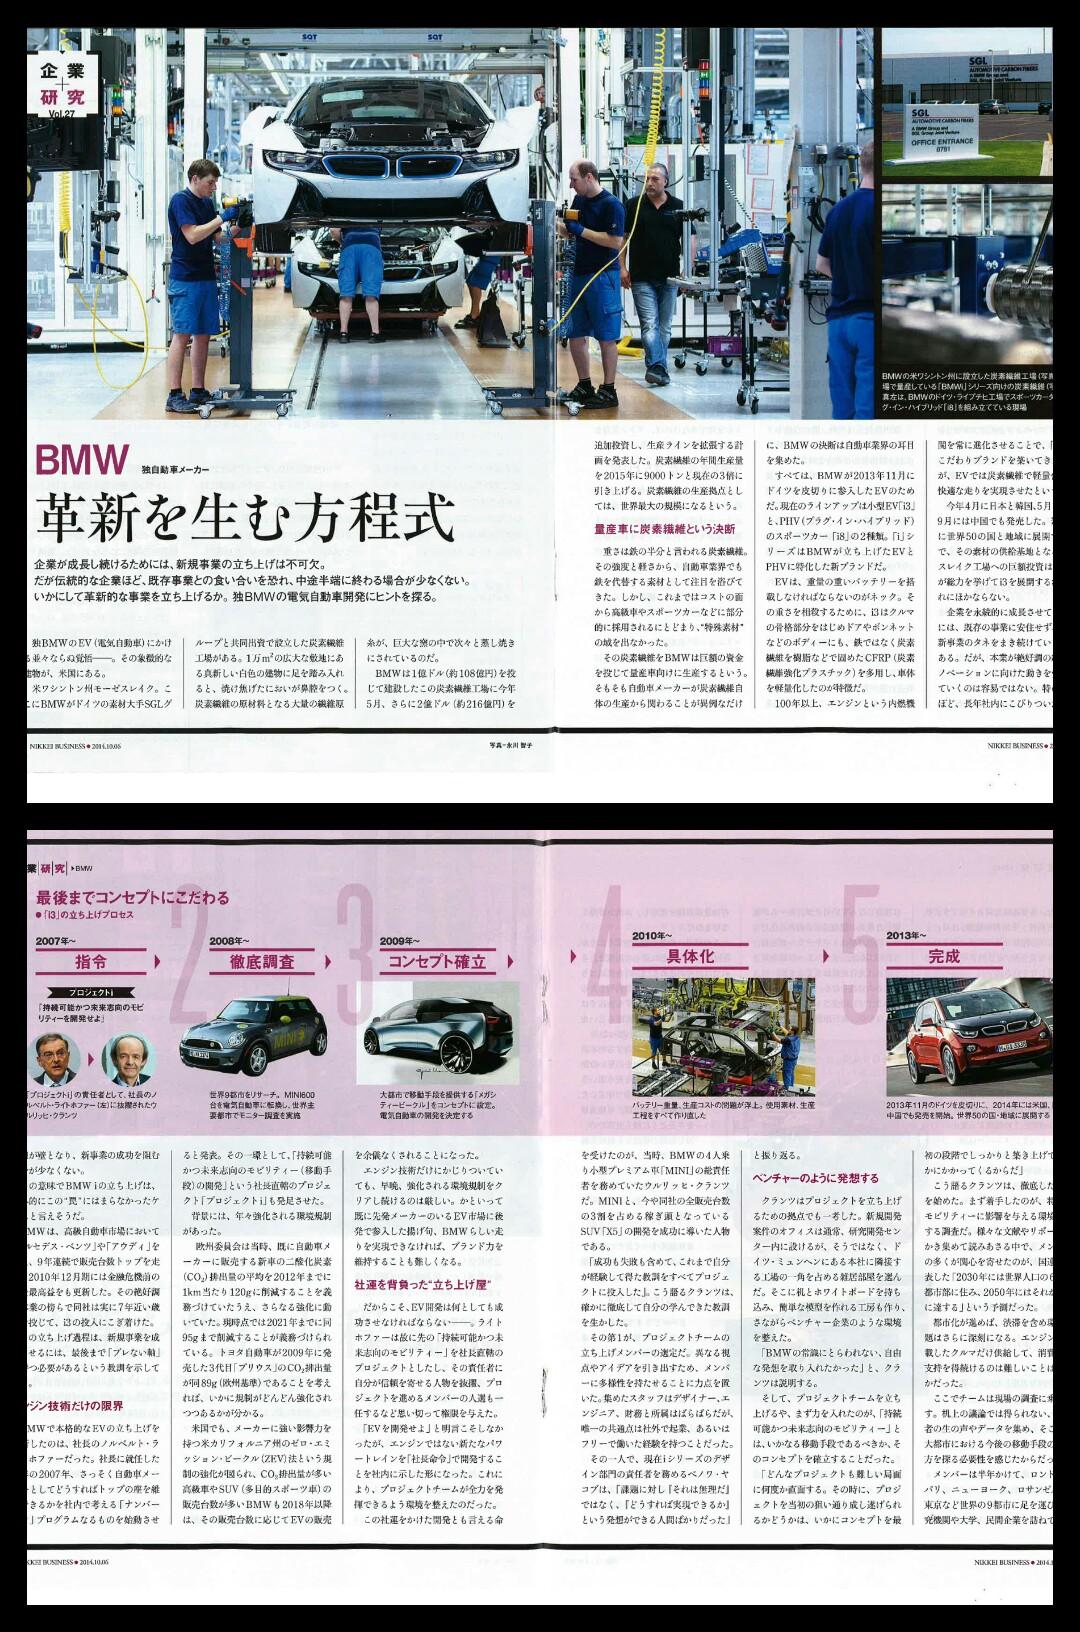 BMW i8 factory